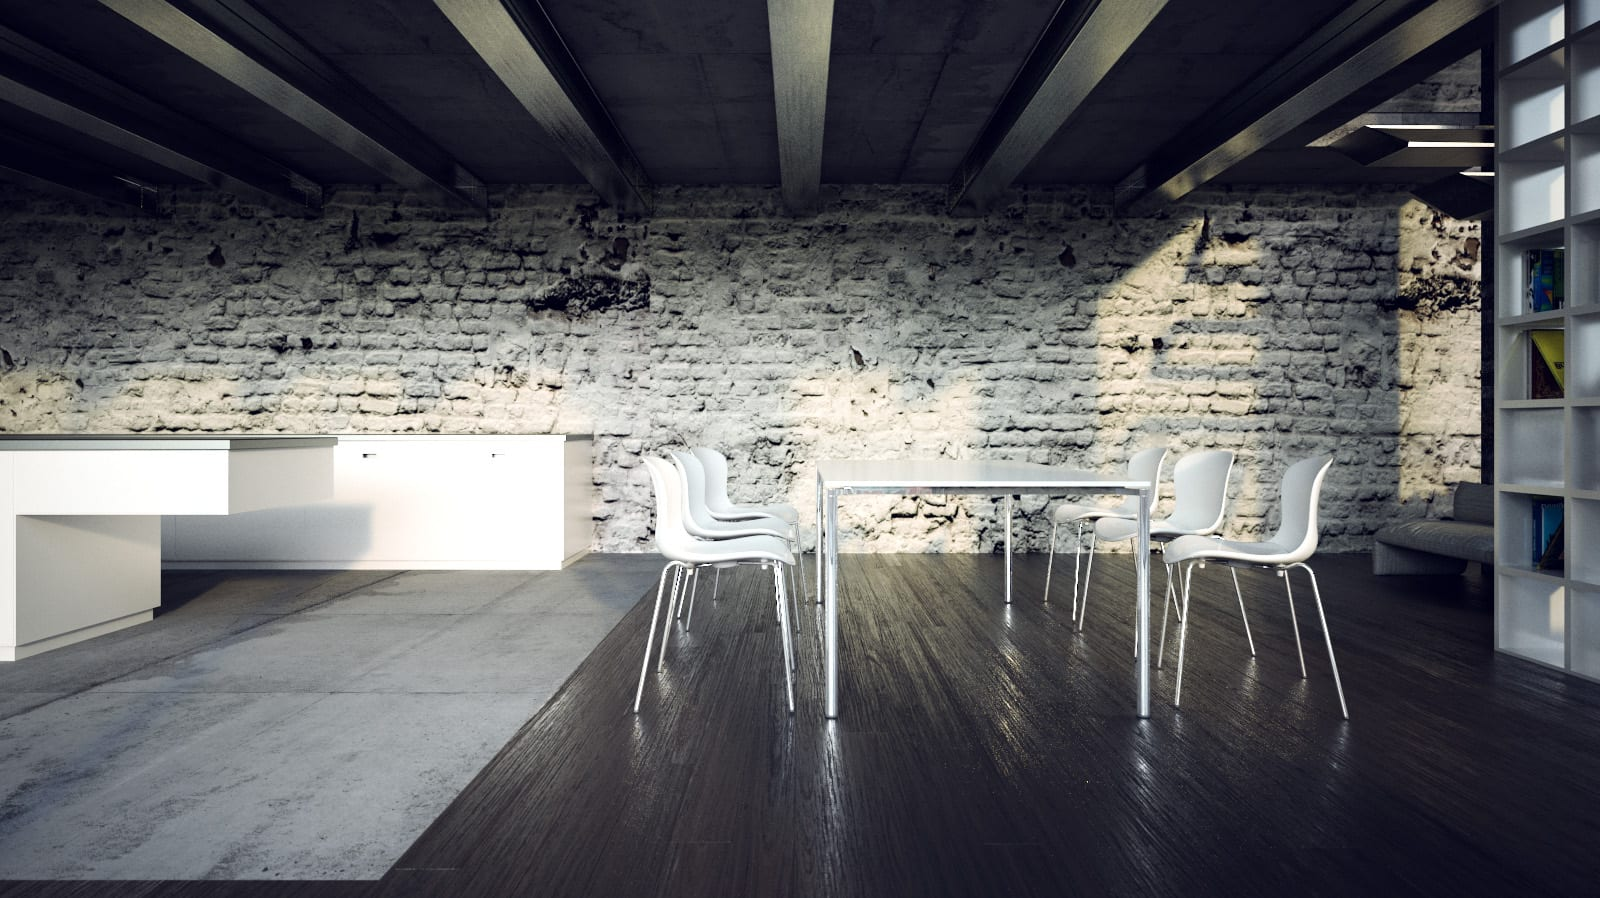 Loft der moderne lebensstil freshouse for Salle de bain belle epoque